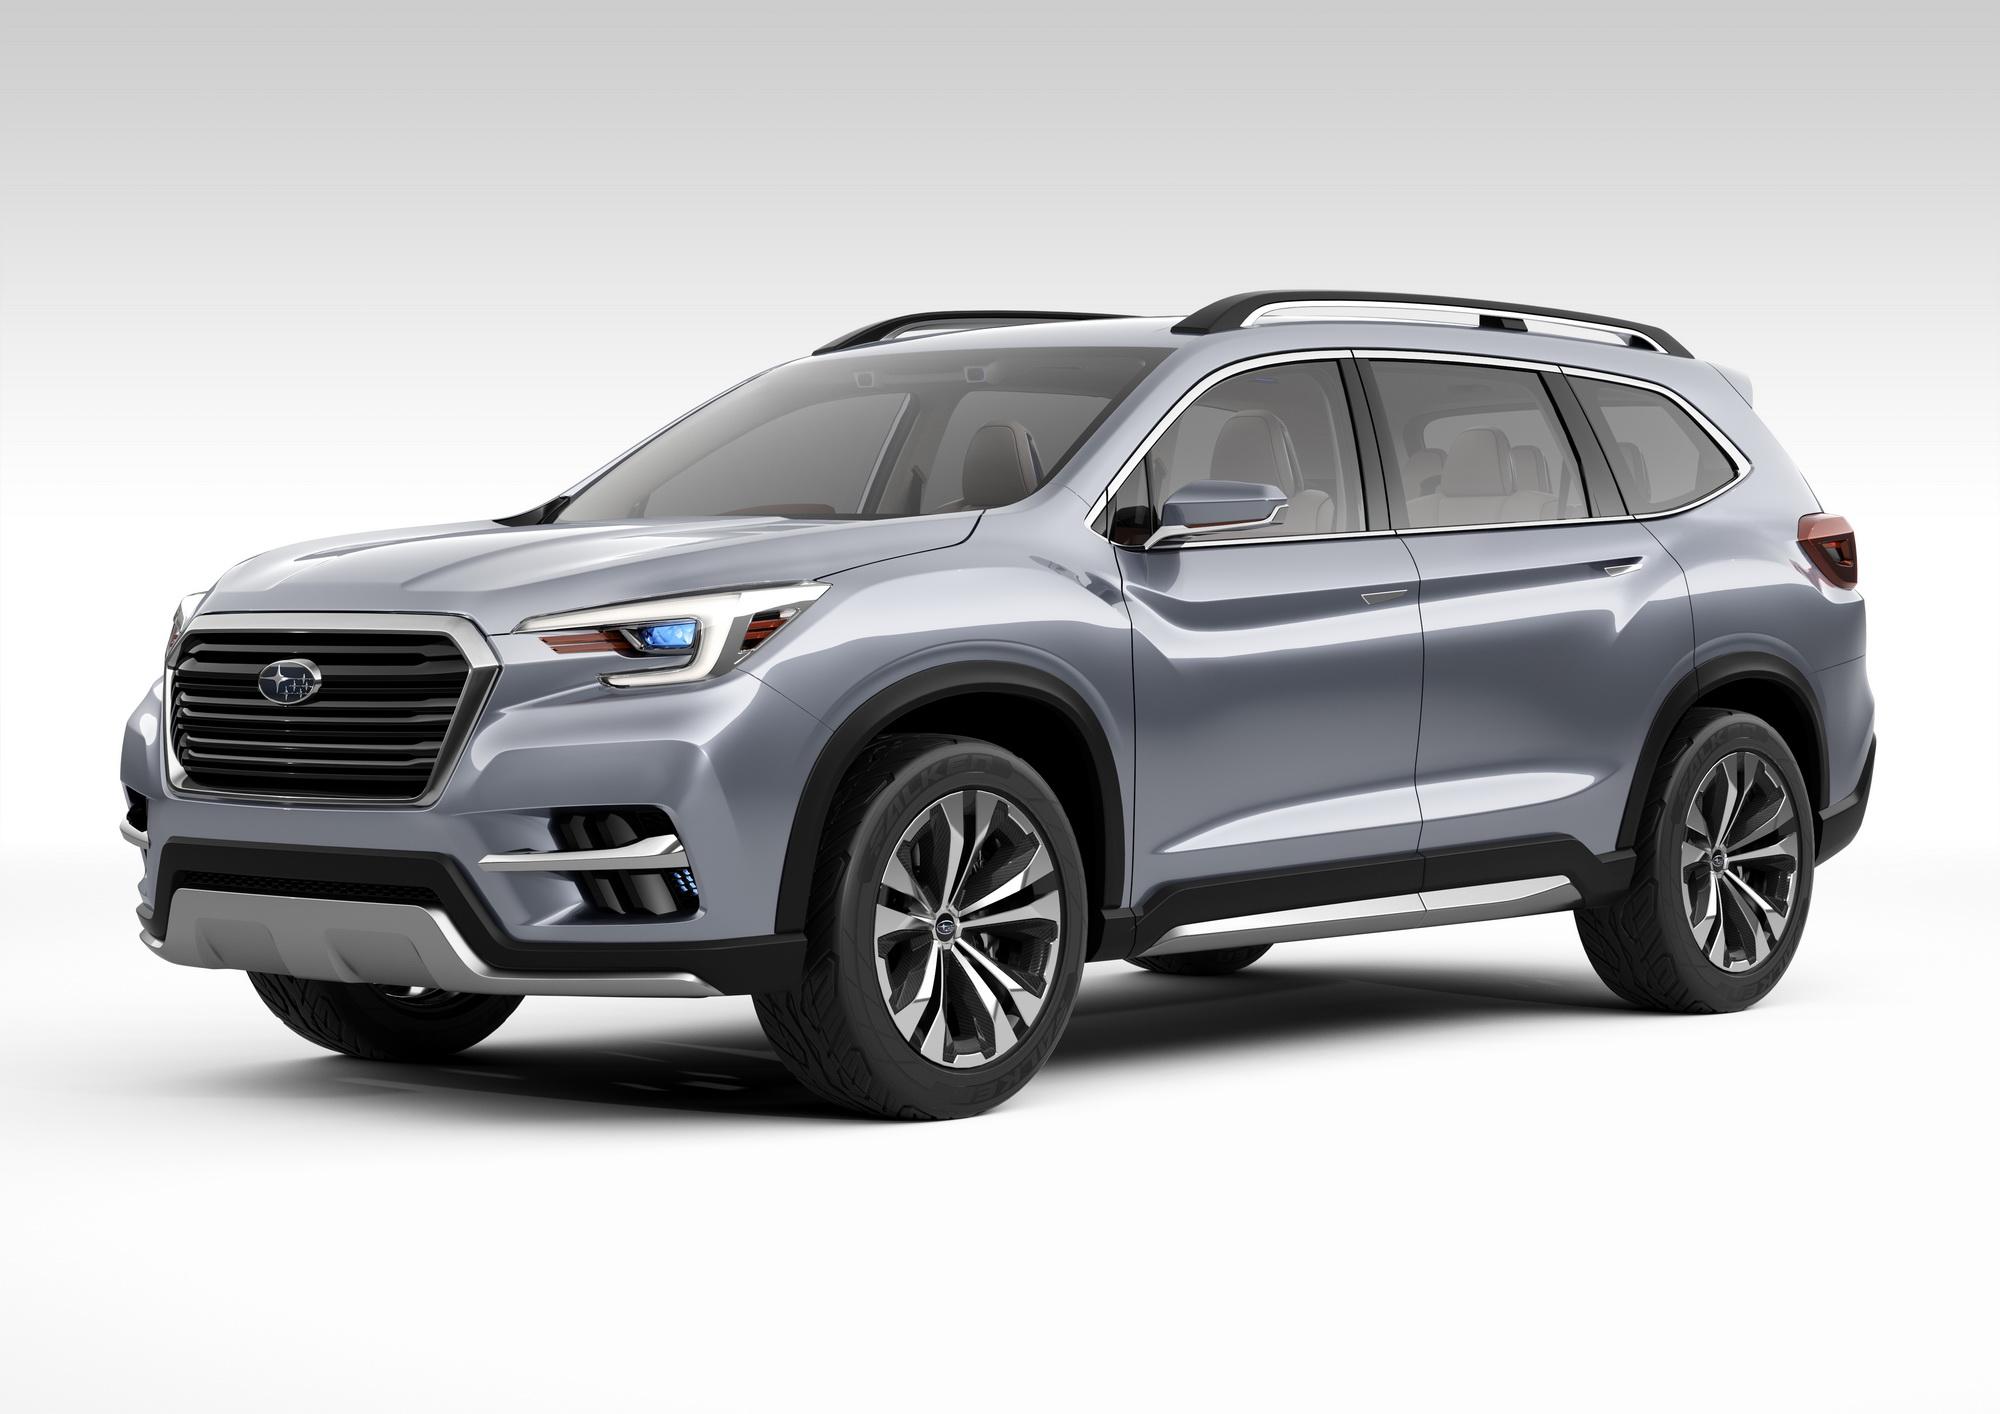 The Subaru Ascent SUV Concept, a silver SUV.